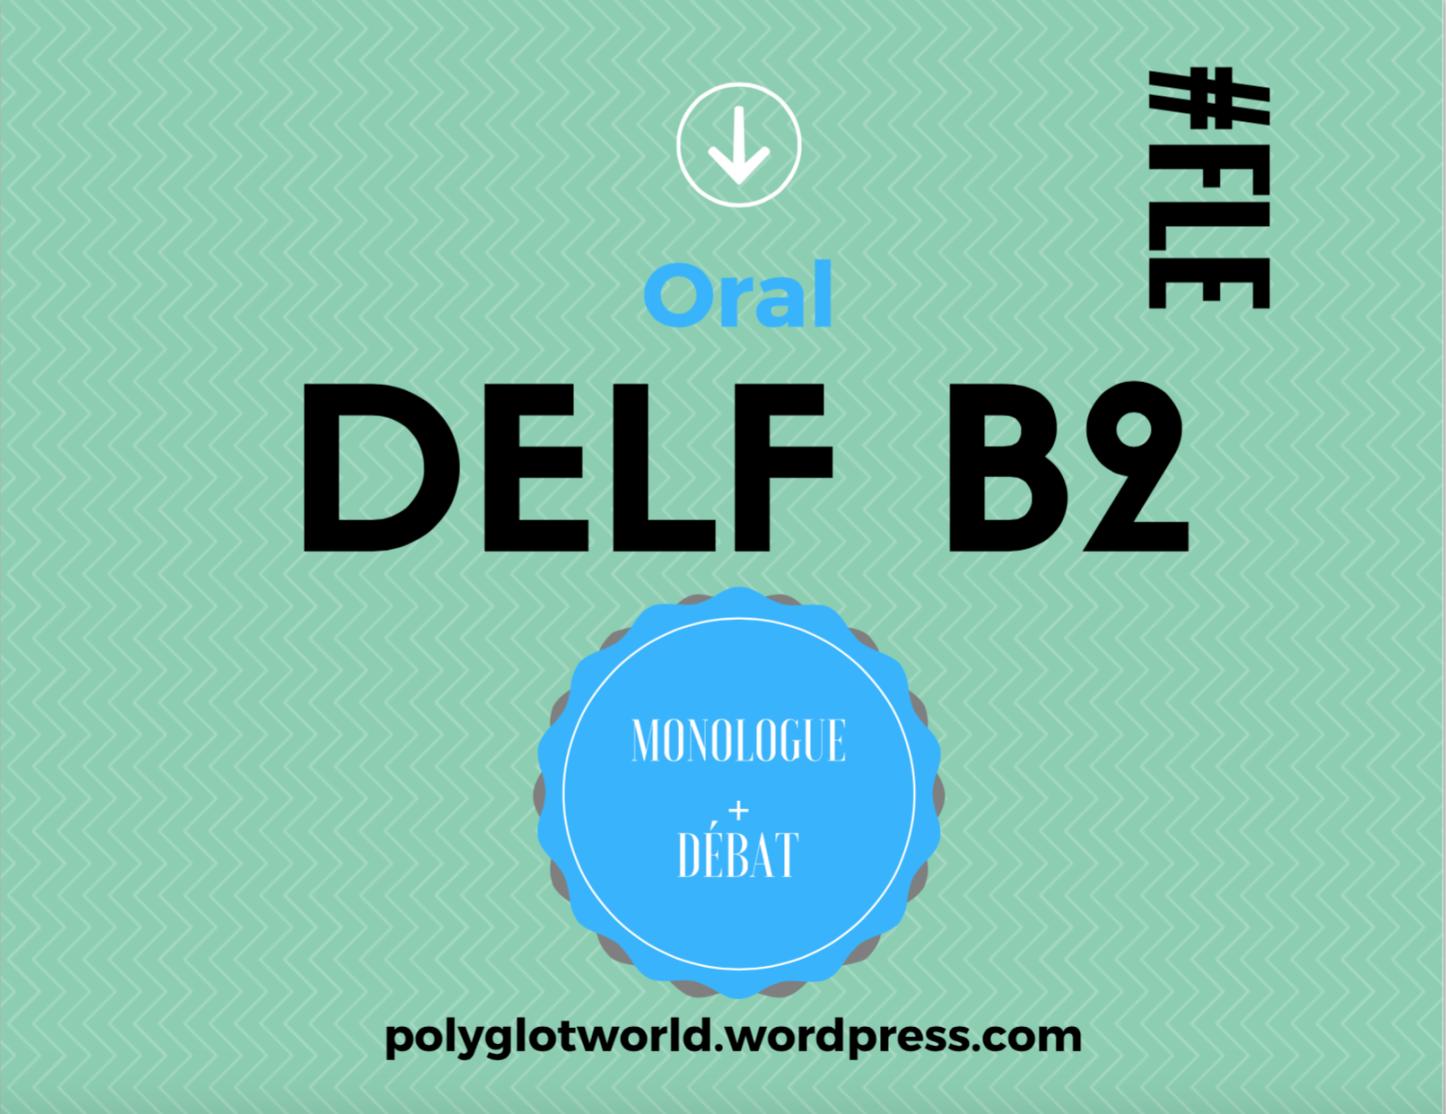 oral-du-delf-b2-fle-franc3a7ais-polyglotcoach1.png